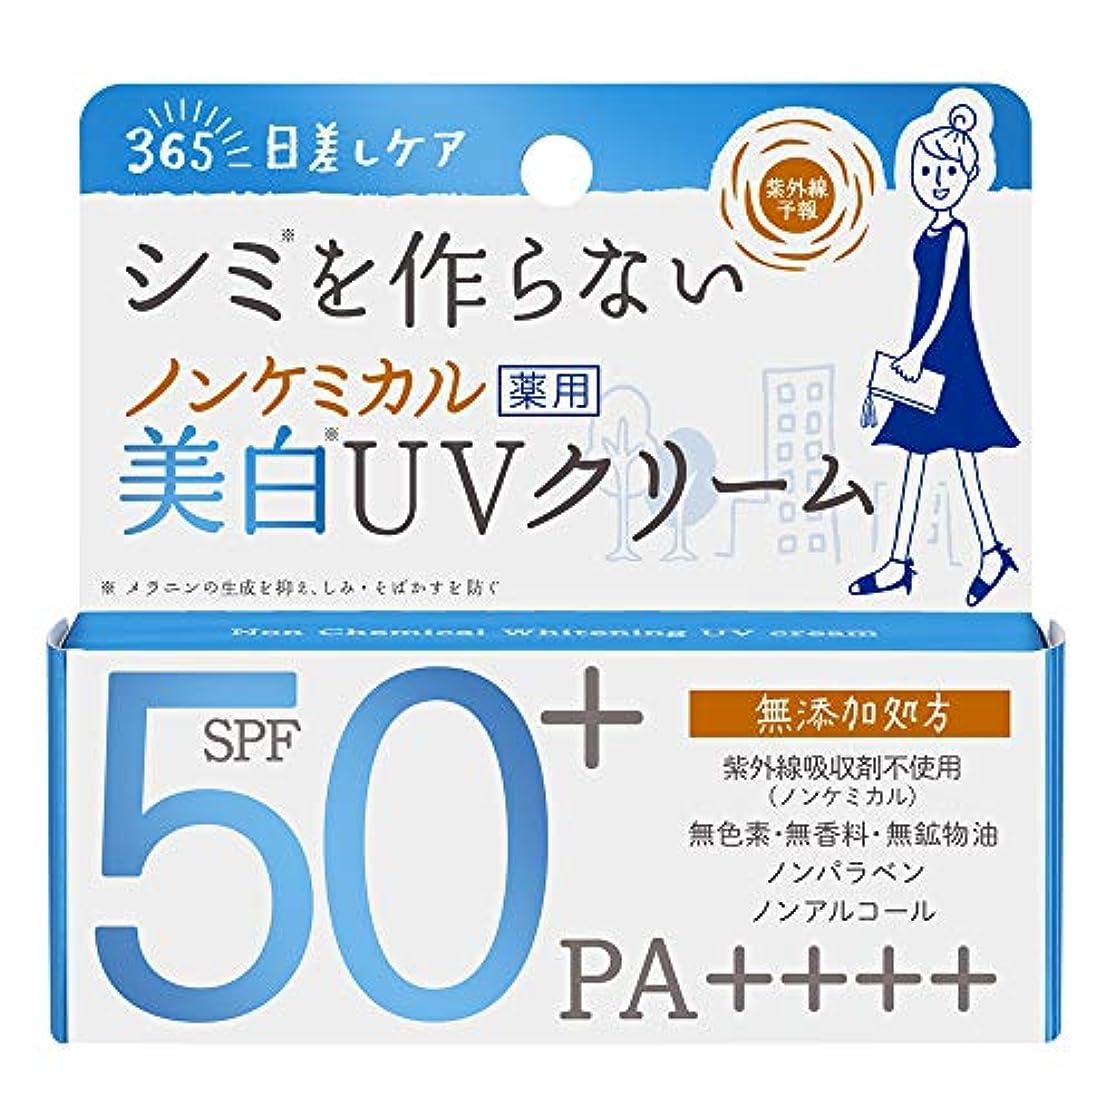 ベッドを作る魂主張する紫外線予報 ノンケミカル薬用美白UVクリーム 40g